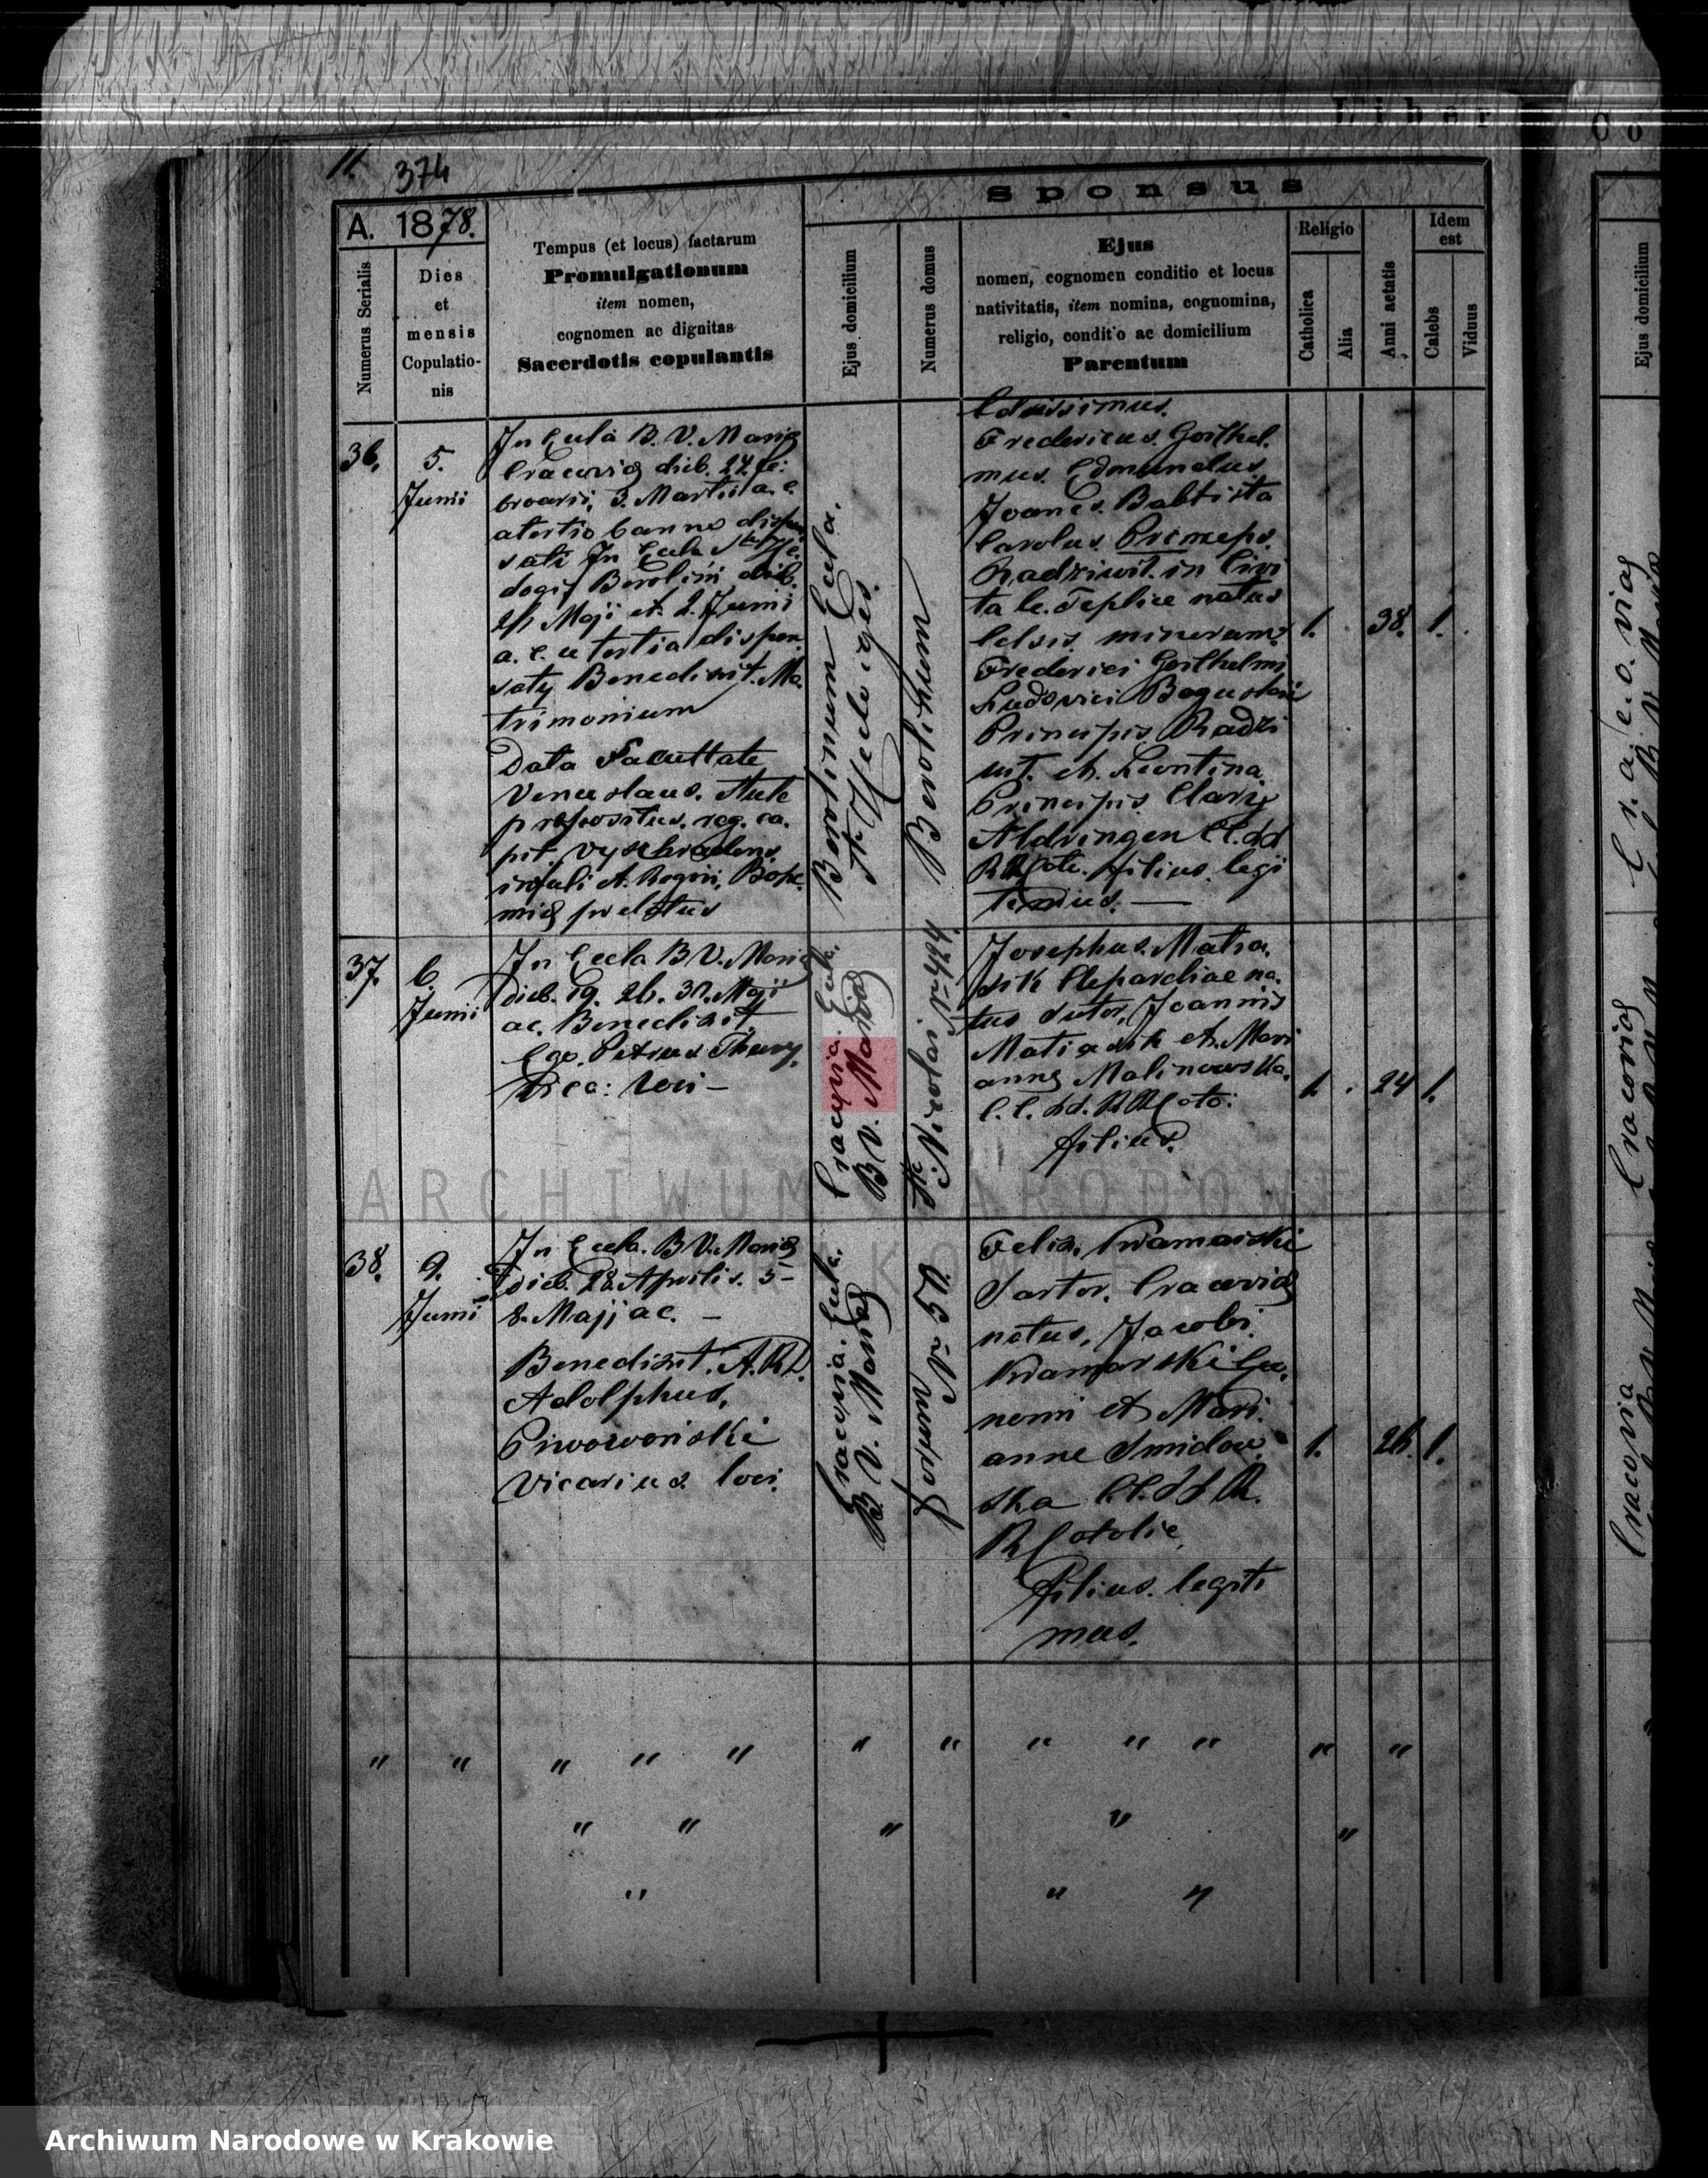 Skan z jednostki: [Księga zapowiedzi i małżeństw z lat 1873-1884]